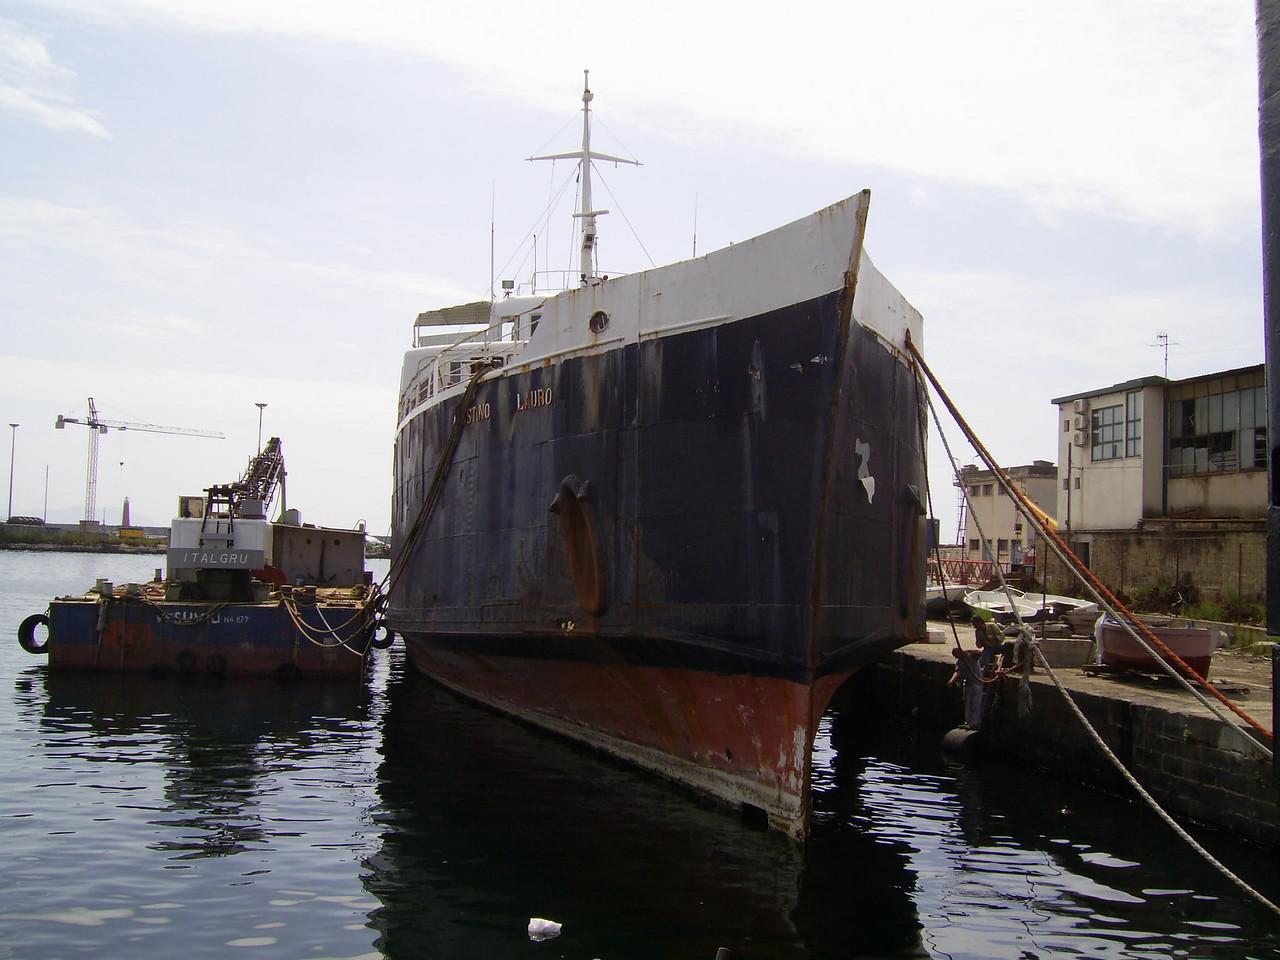 F/B AGOSTINO LAURO waiting scrap in Napoli.